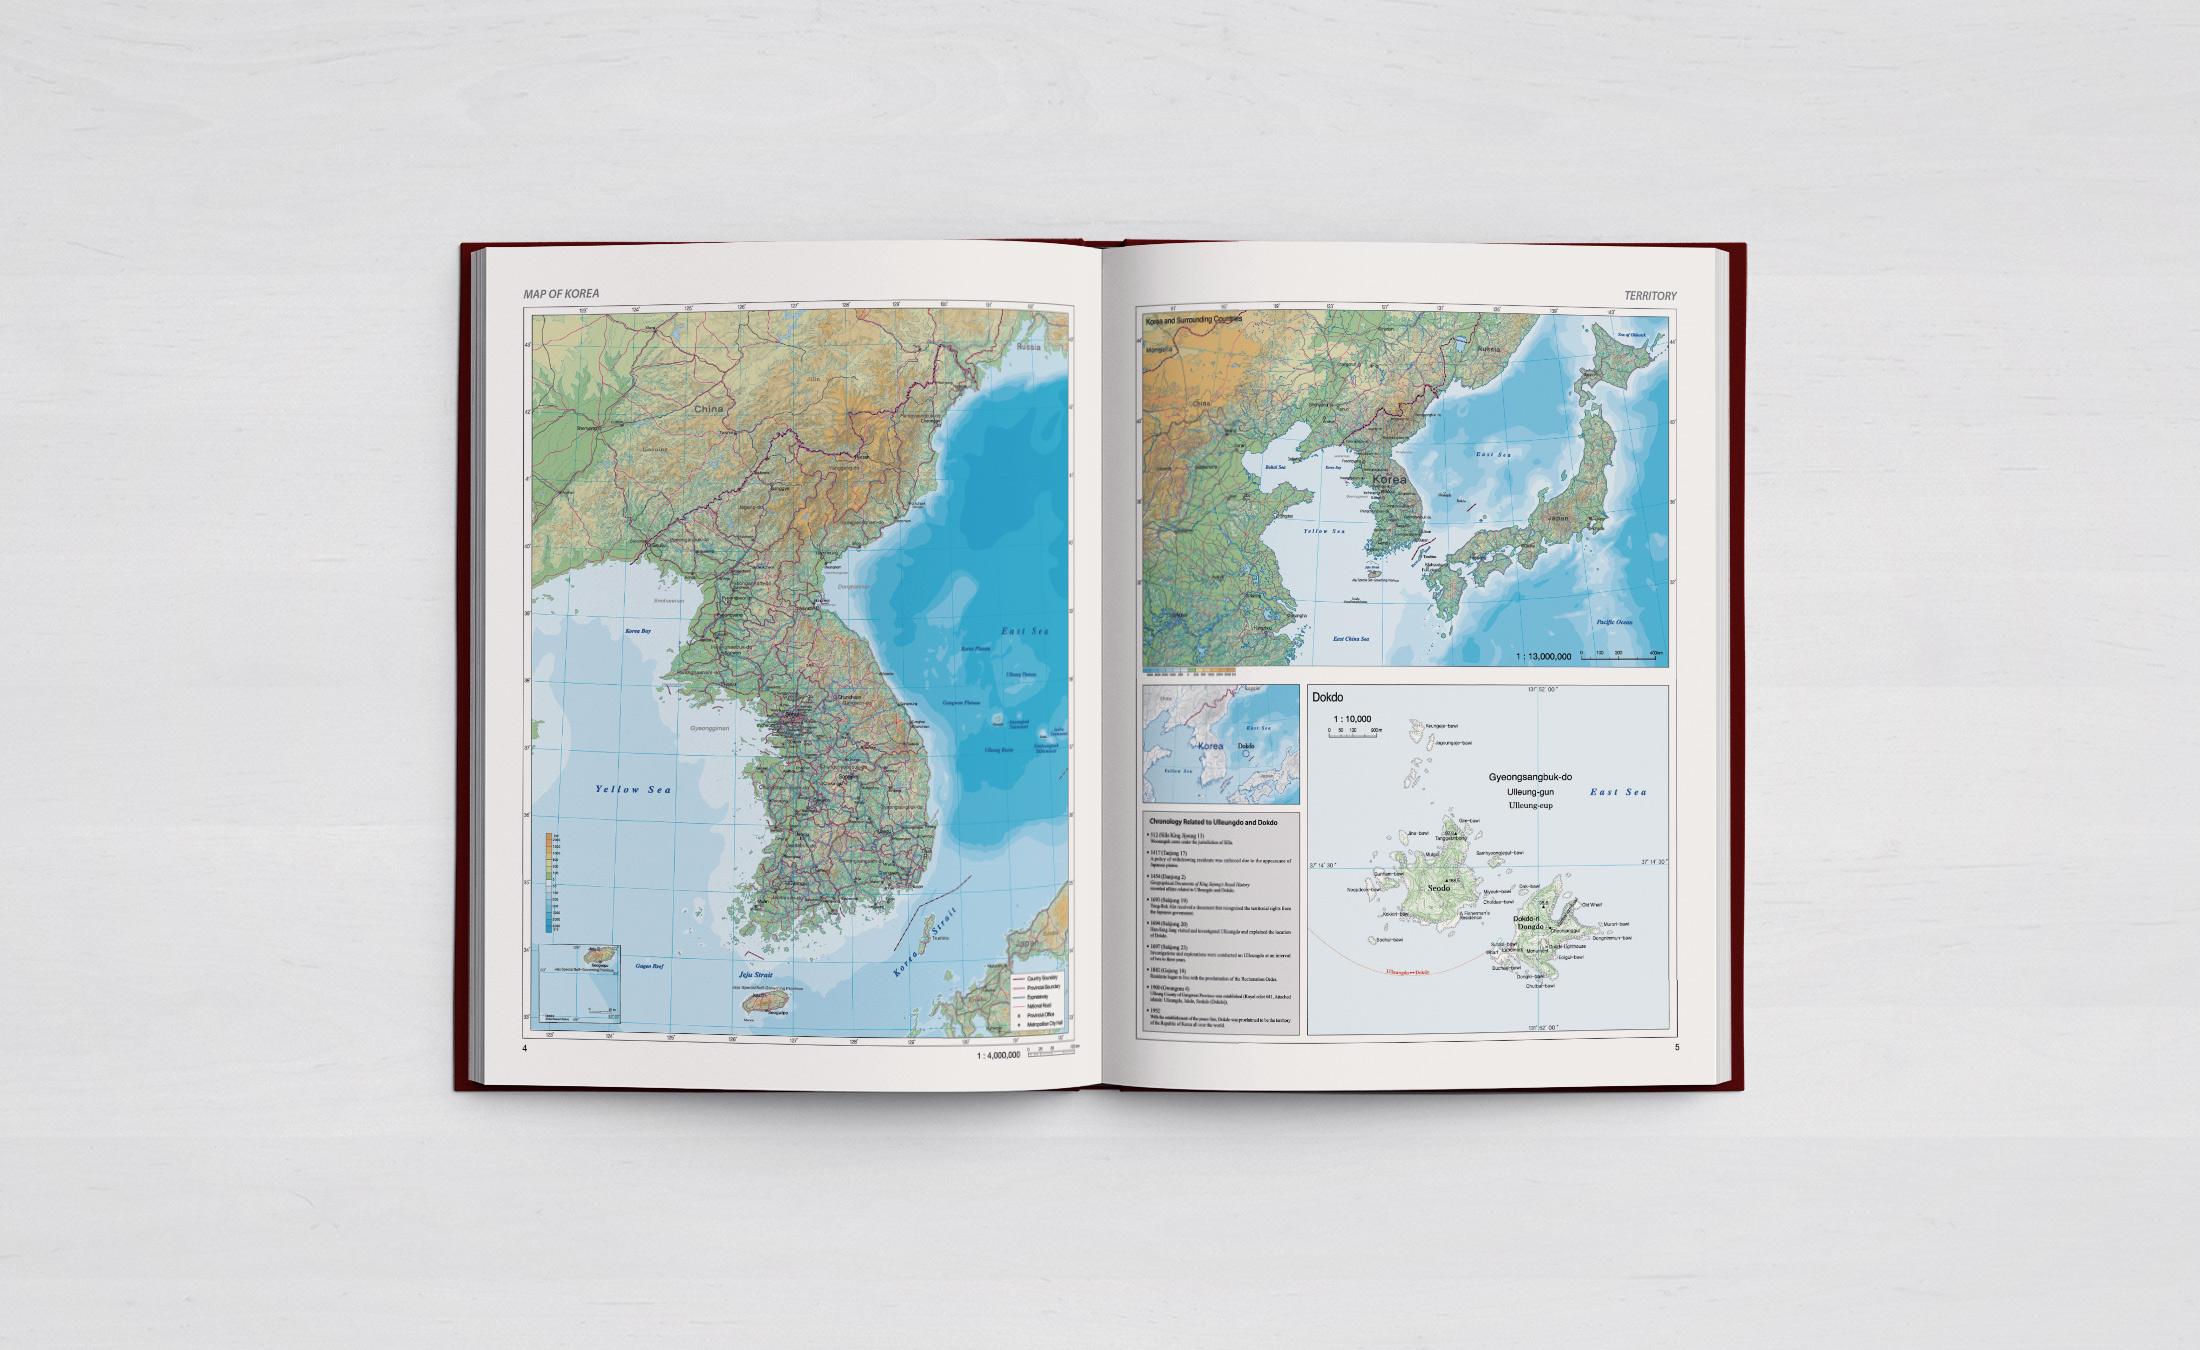 dankelab_korea_atlas_04